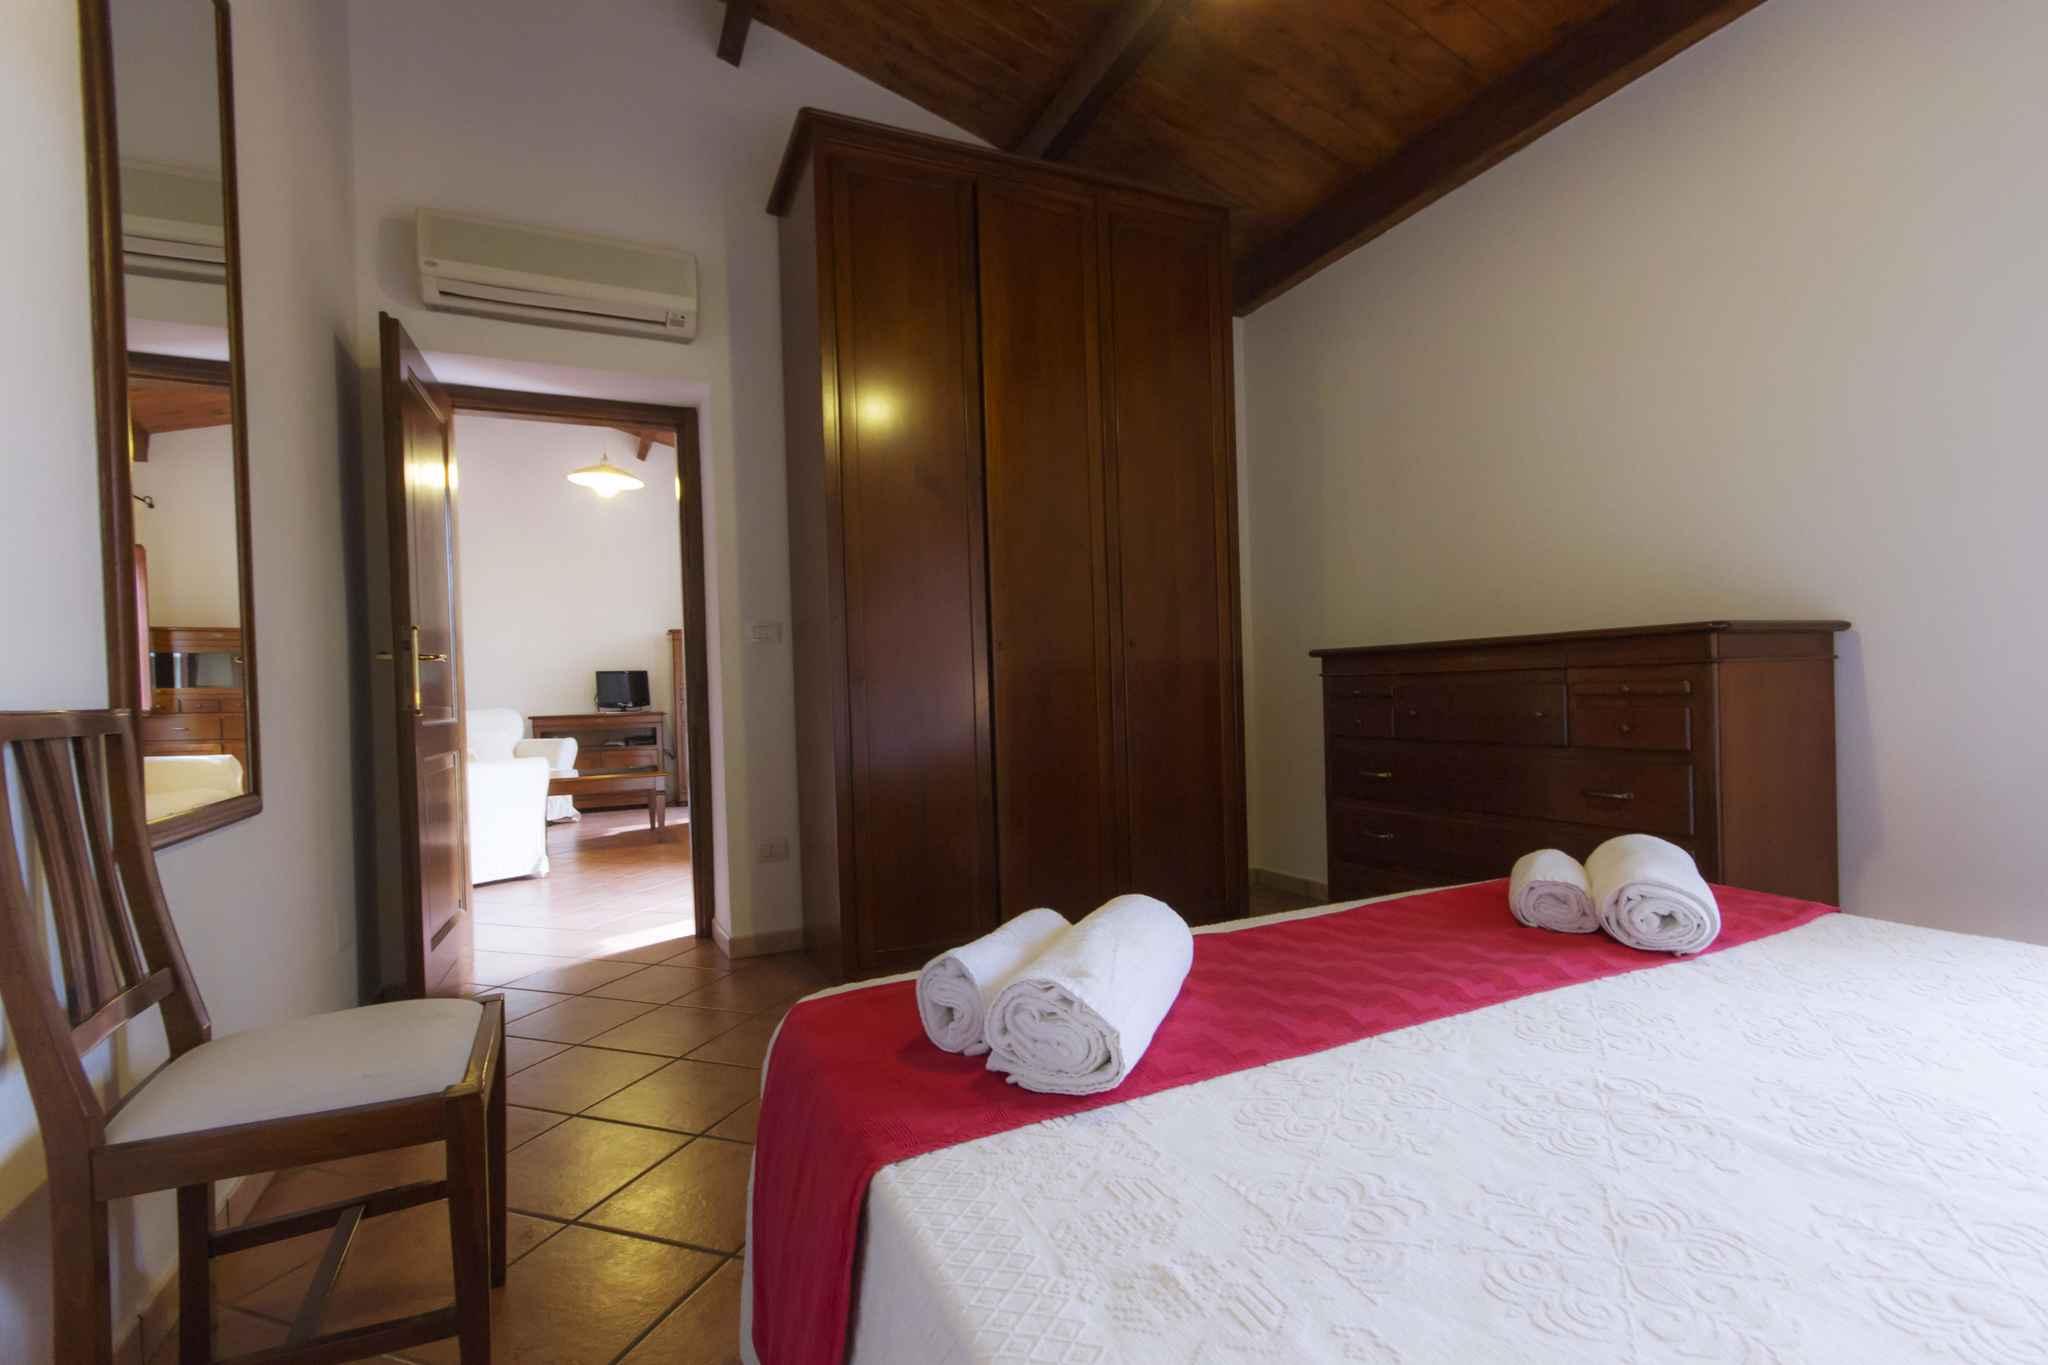 Ferienhaus mit Klimaanlage (2191583), Alghero, Sassari, Sardinien, Italien, Bild 9